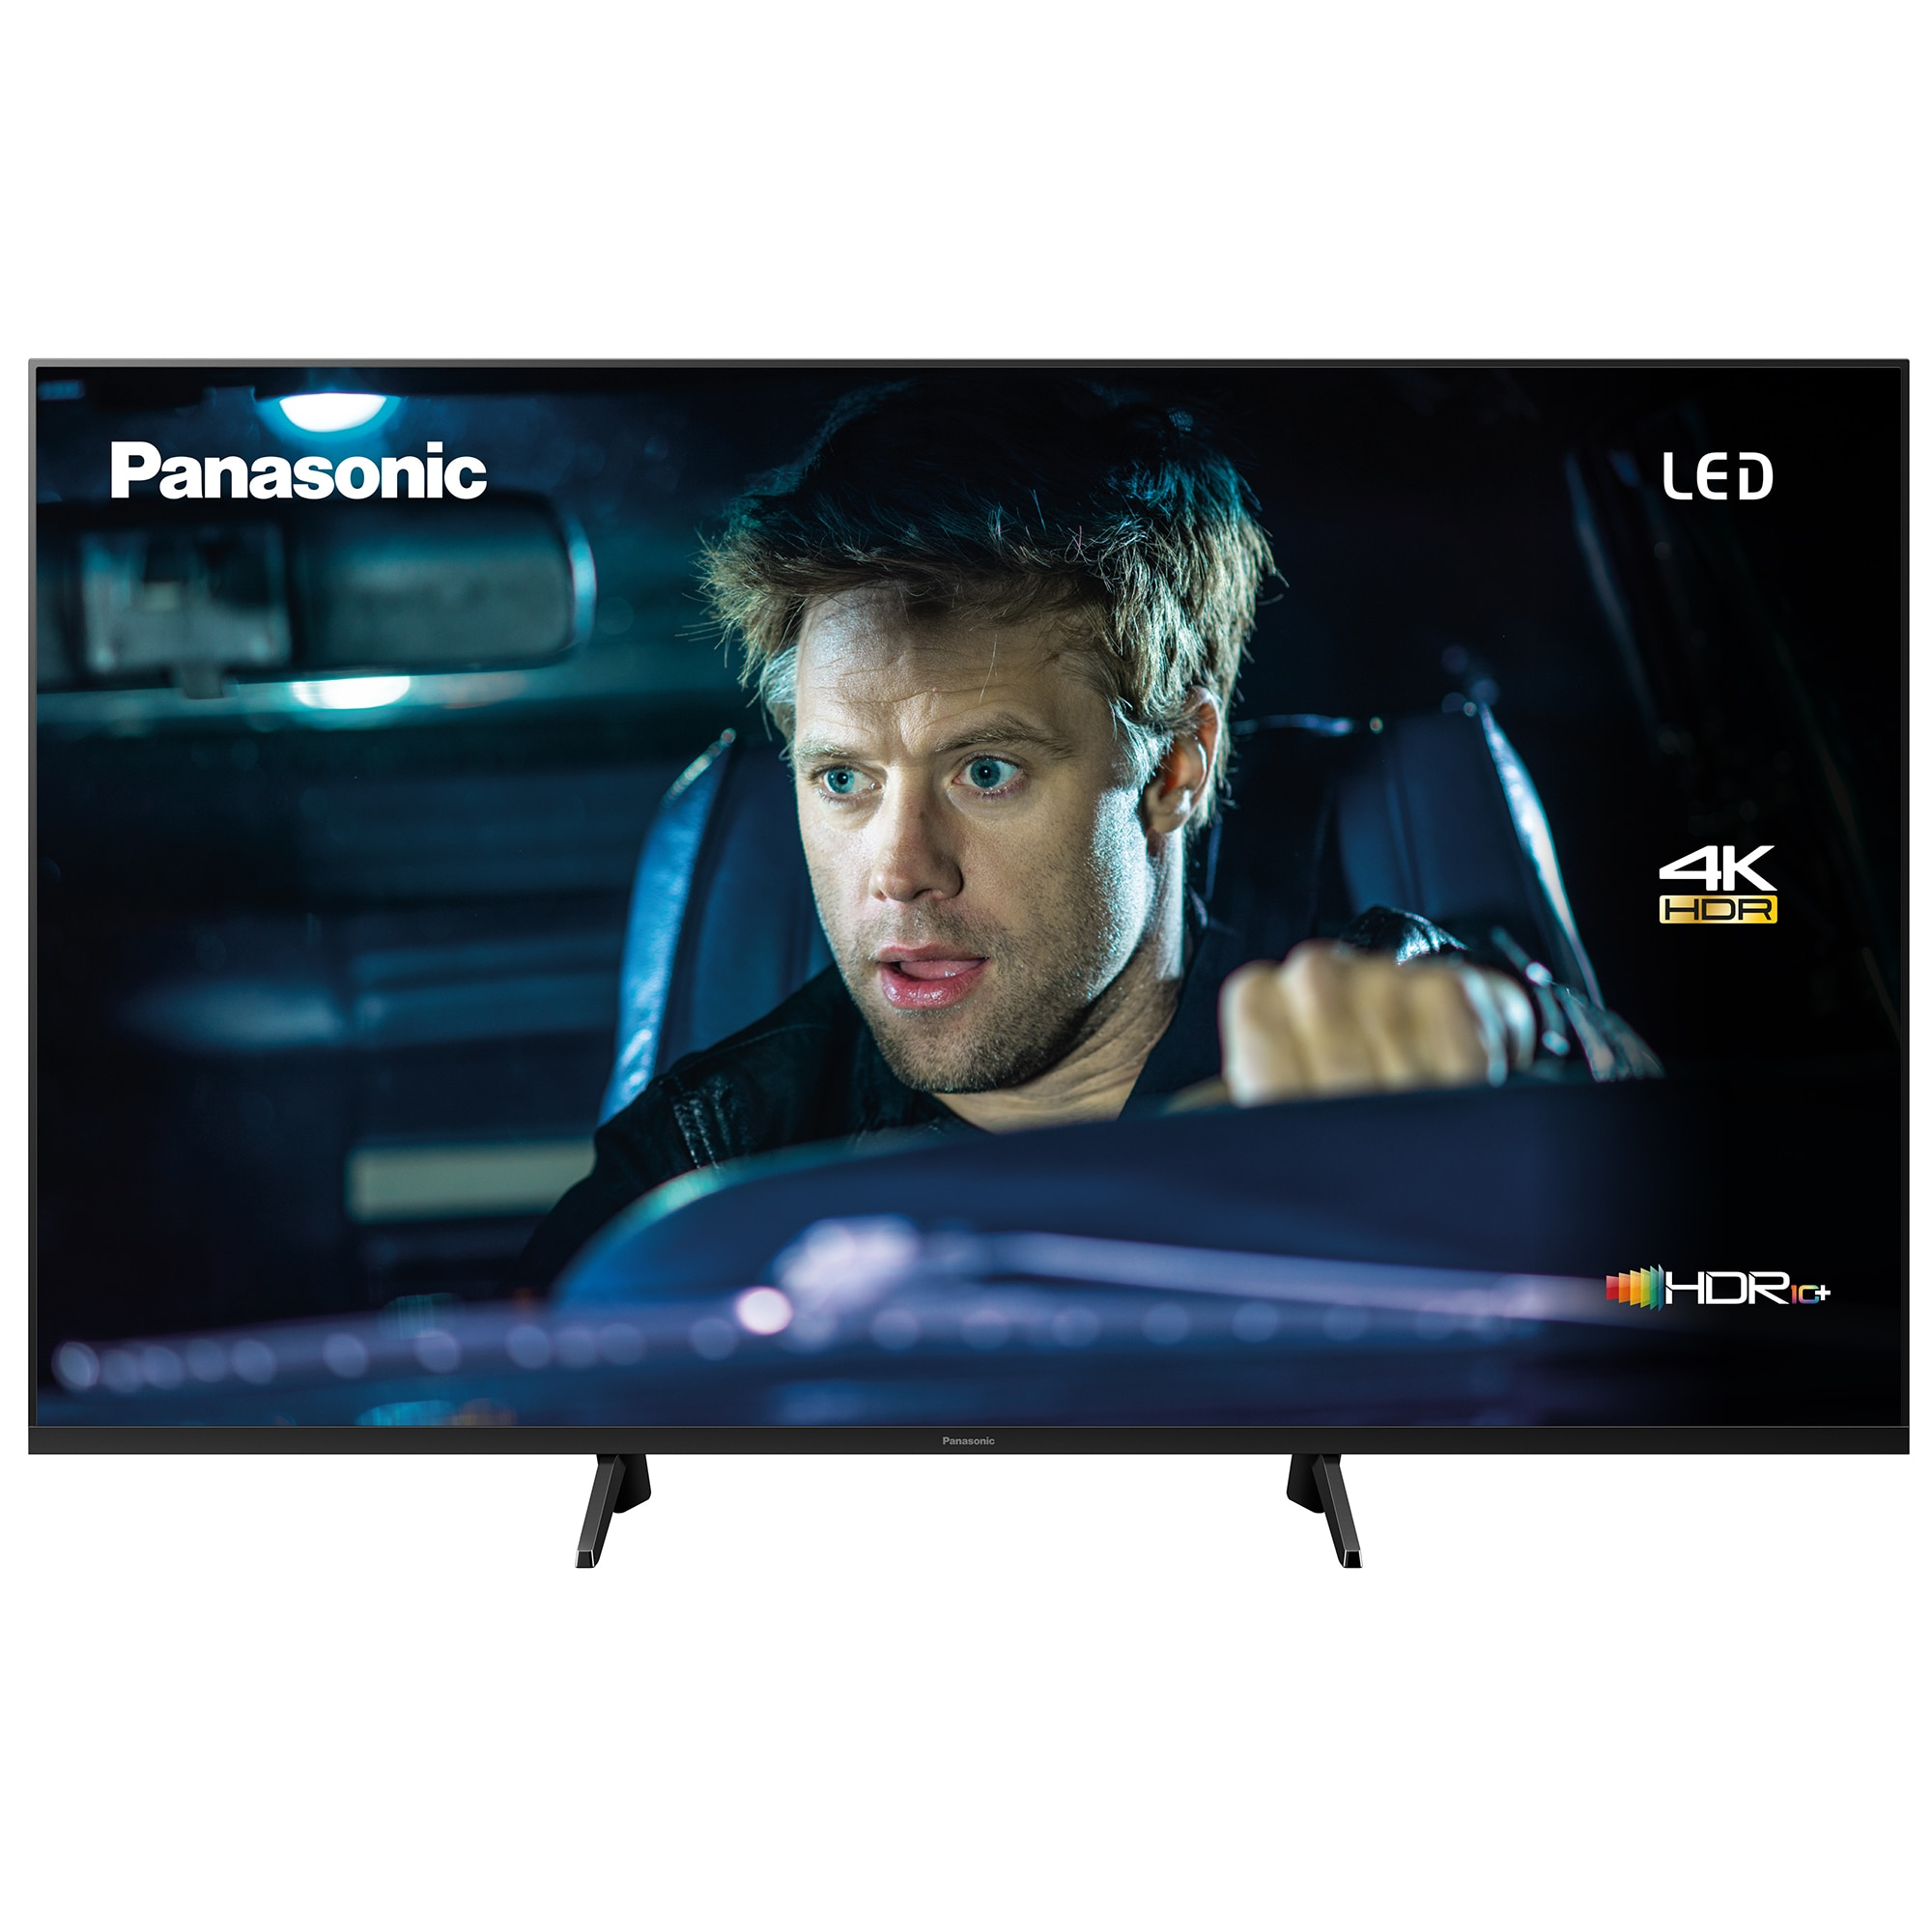 Fotografie Televizor LED Smart Panasonic, 146 cm, TX-58GX700E, 4K Ultra HD